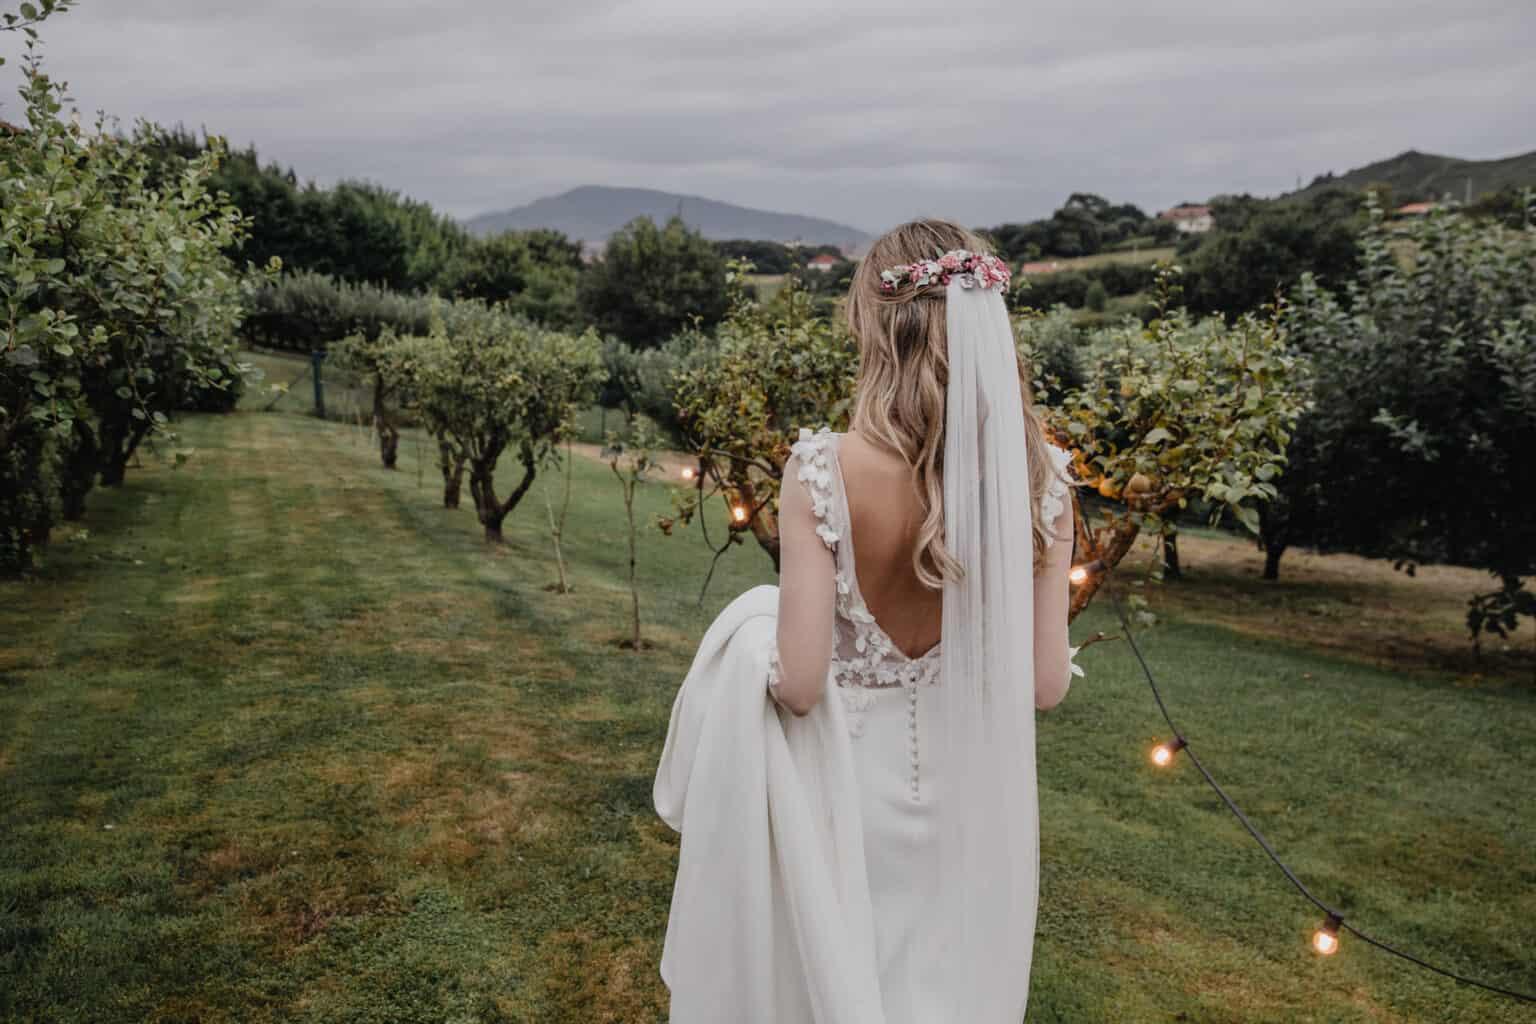 072db64e10 La novia del vestido de petalos - Las bodas de Tatín